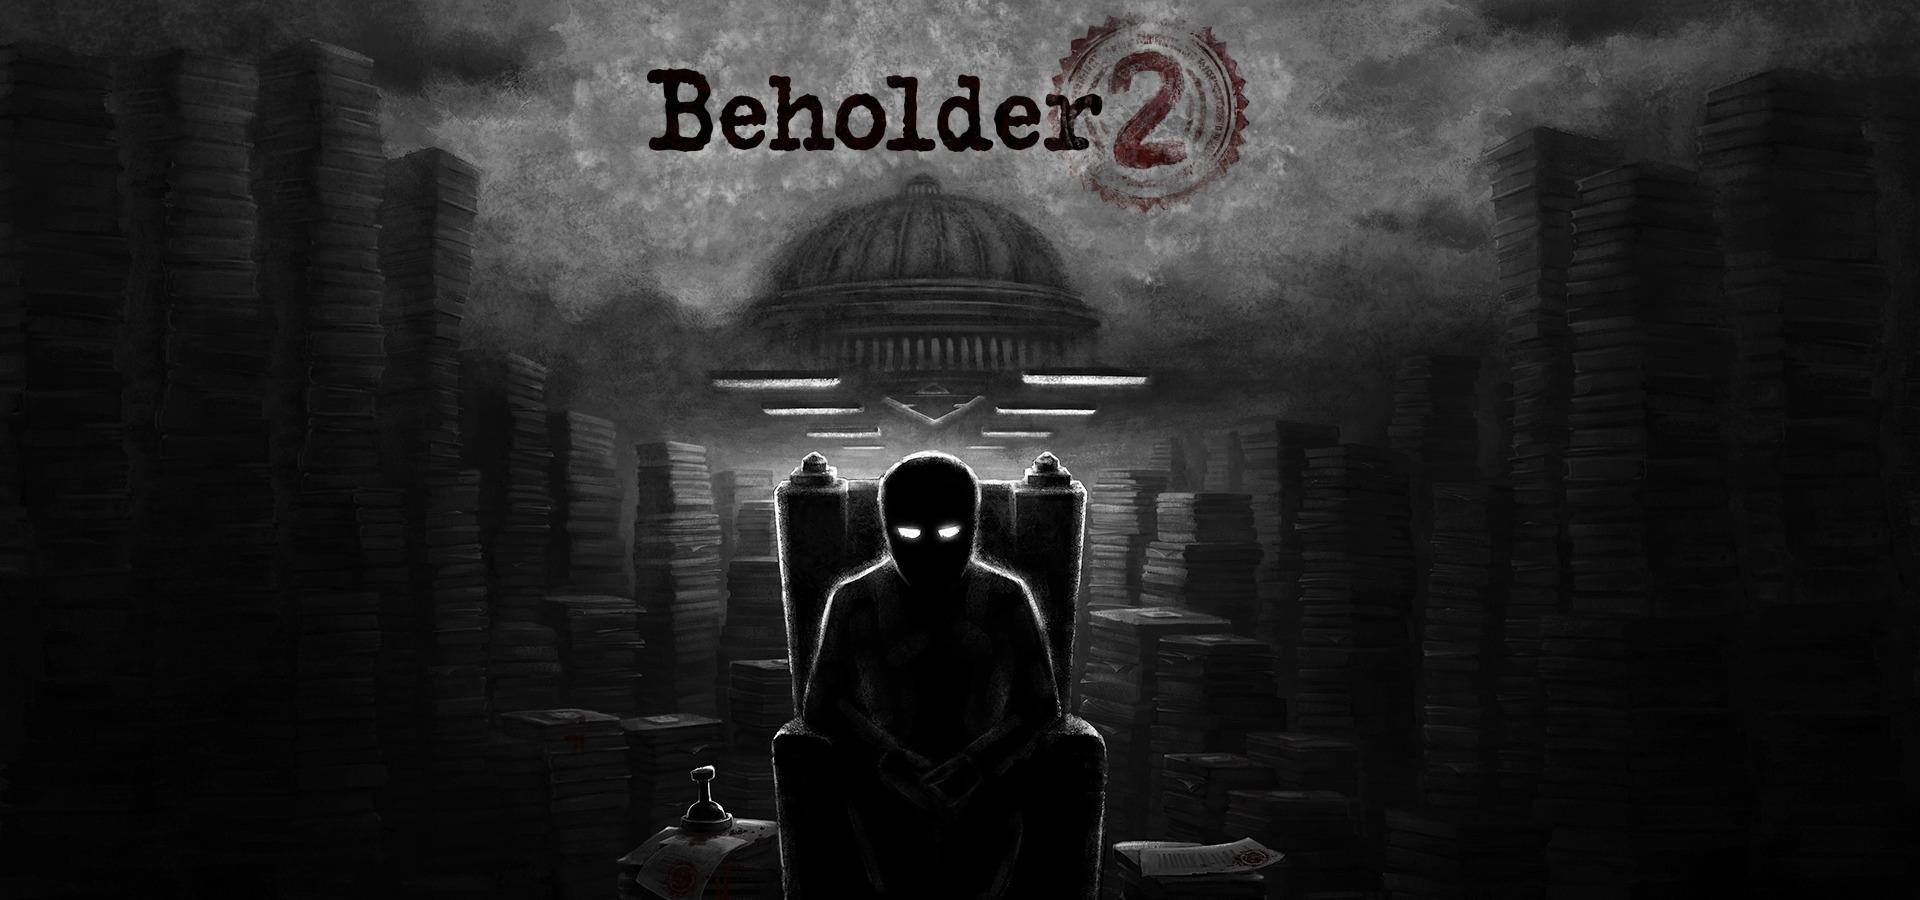 Inwigilacja rozpoczęta - dziś premiera Beholder 2